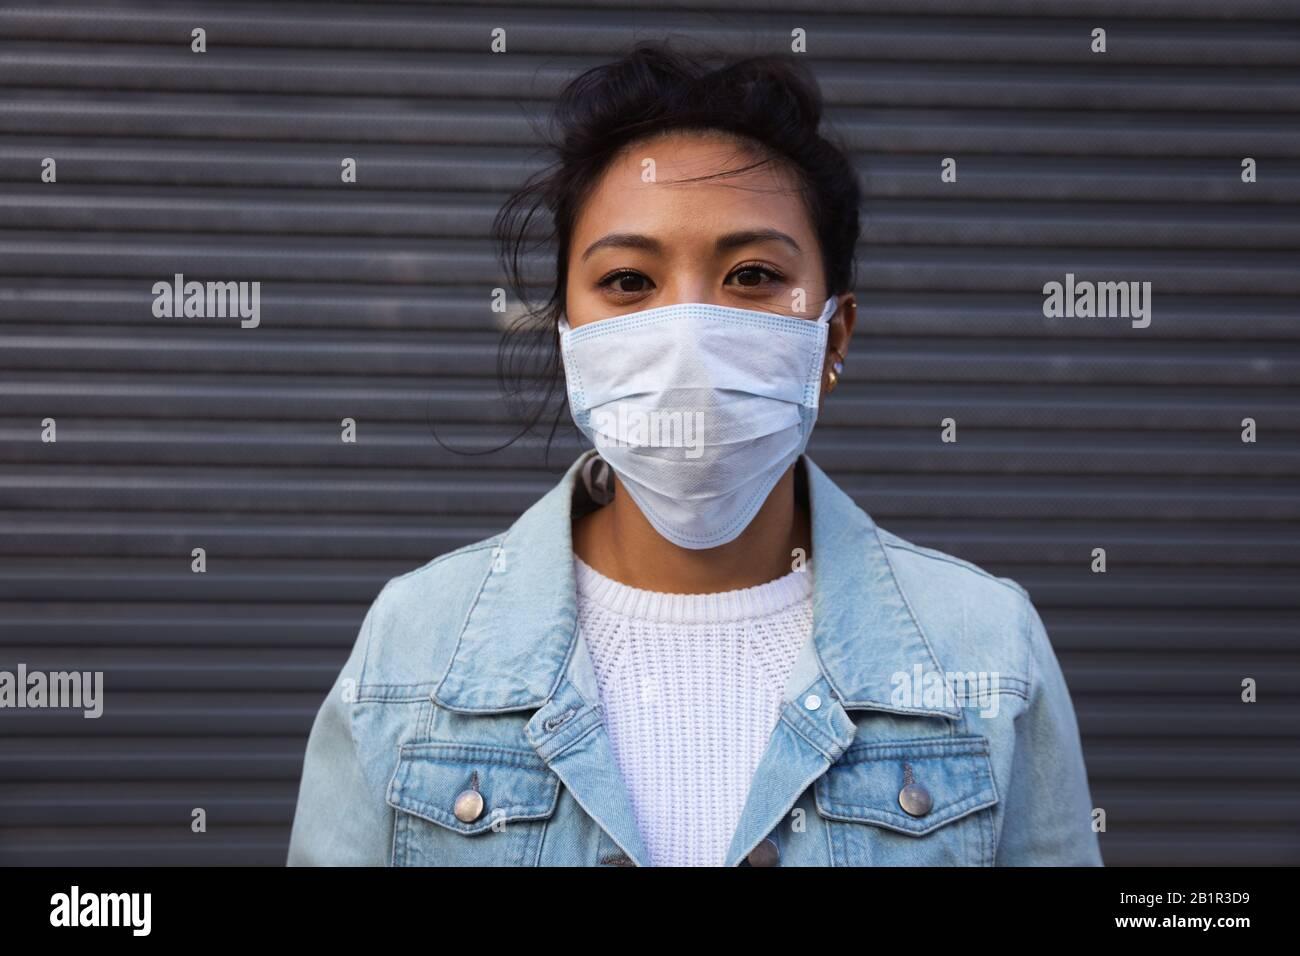 Woman wearing a Corona Virus face mask and looking at camera Stock Photo